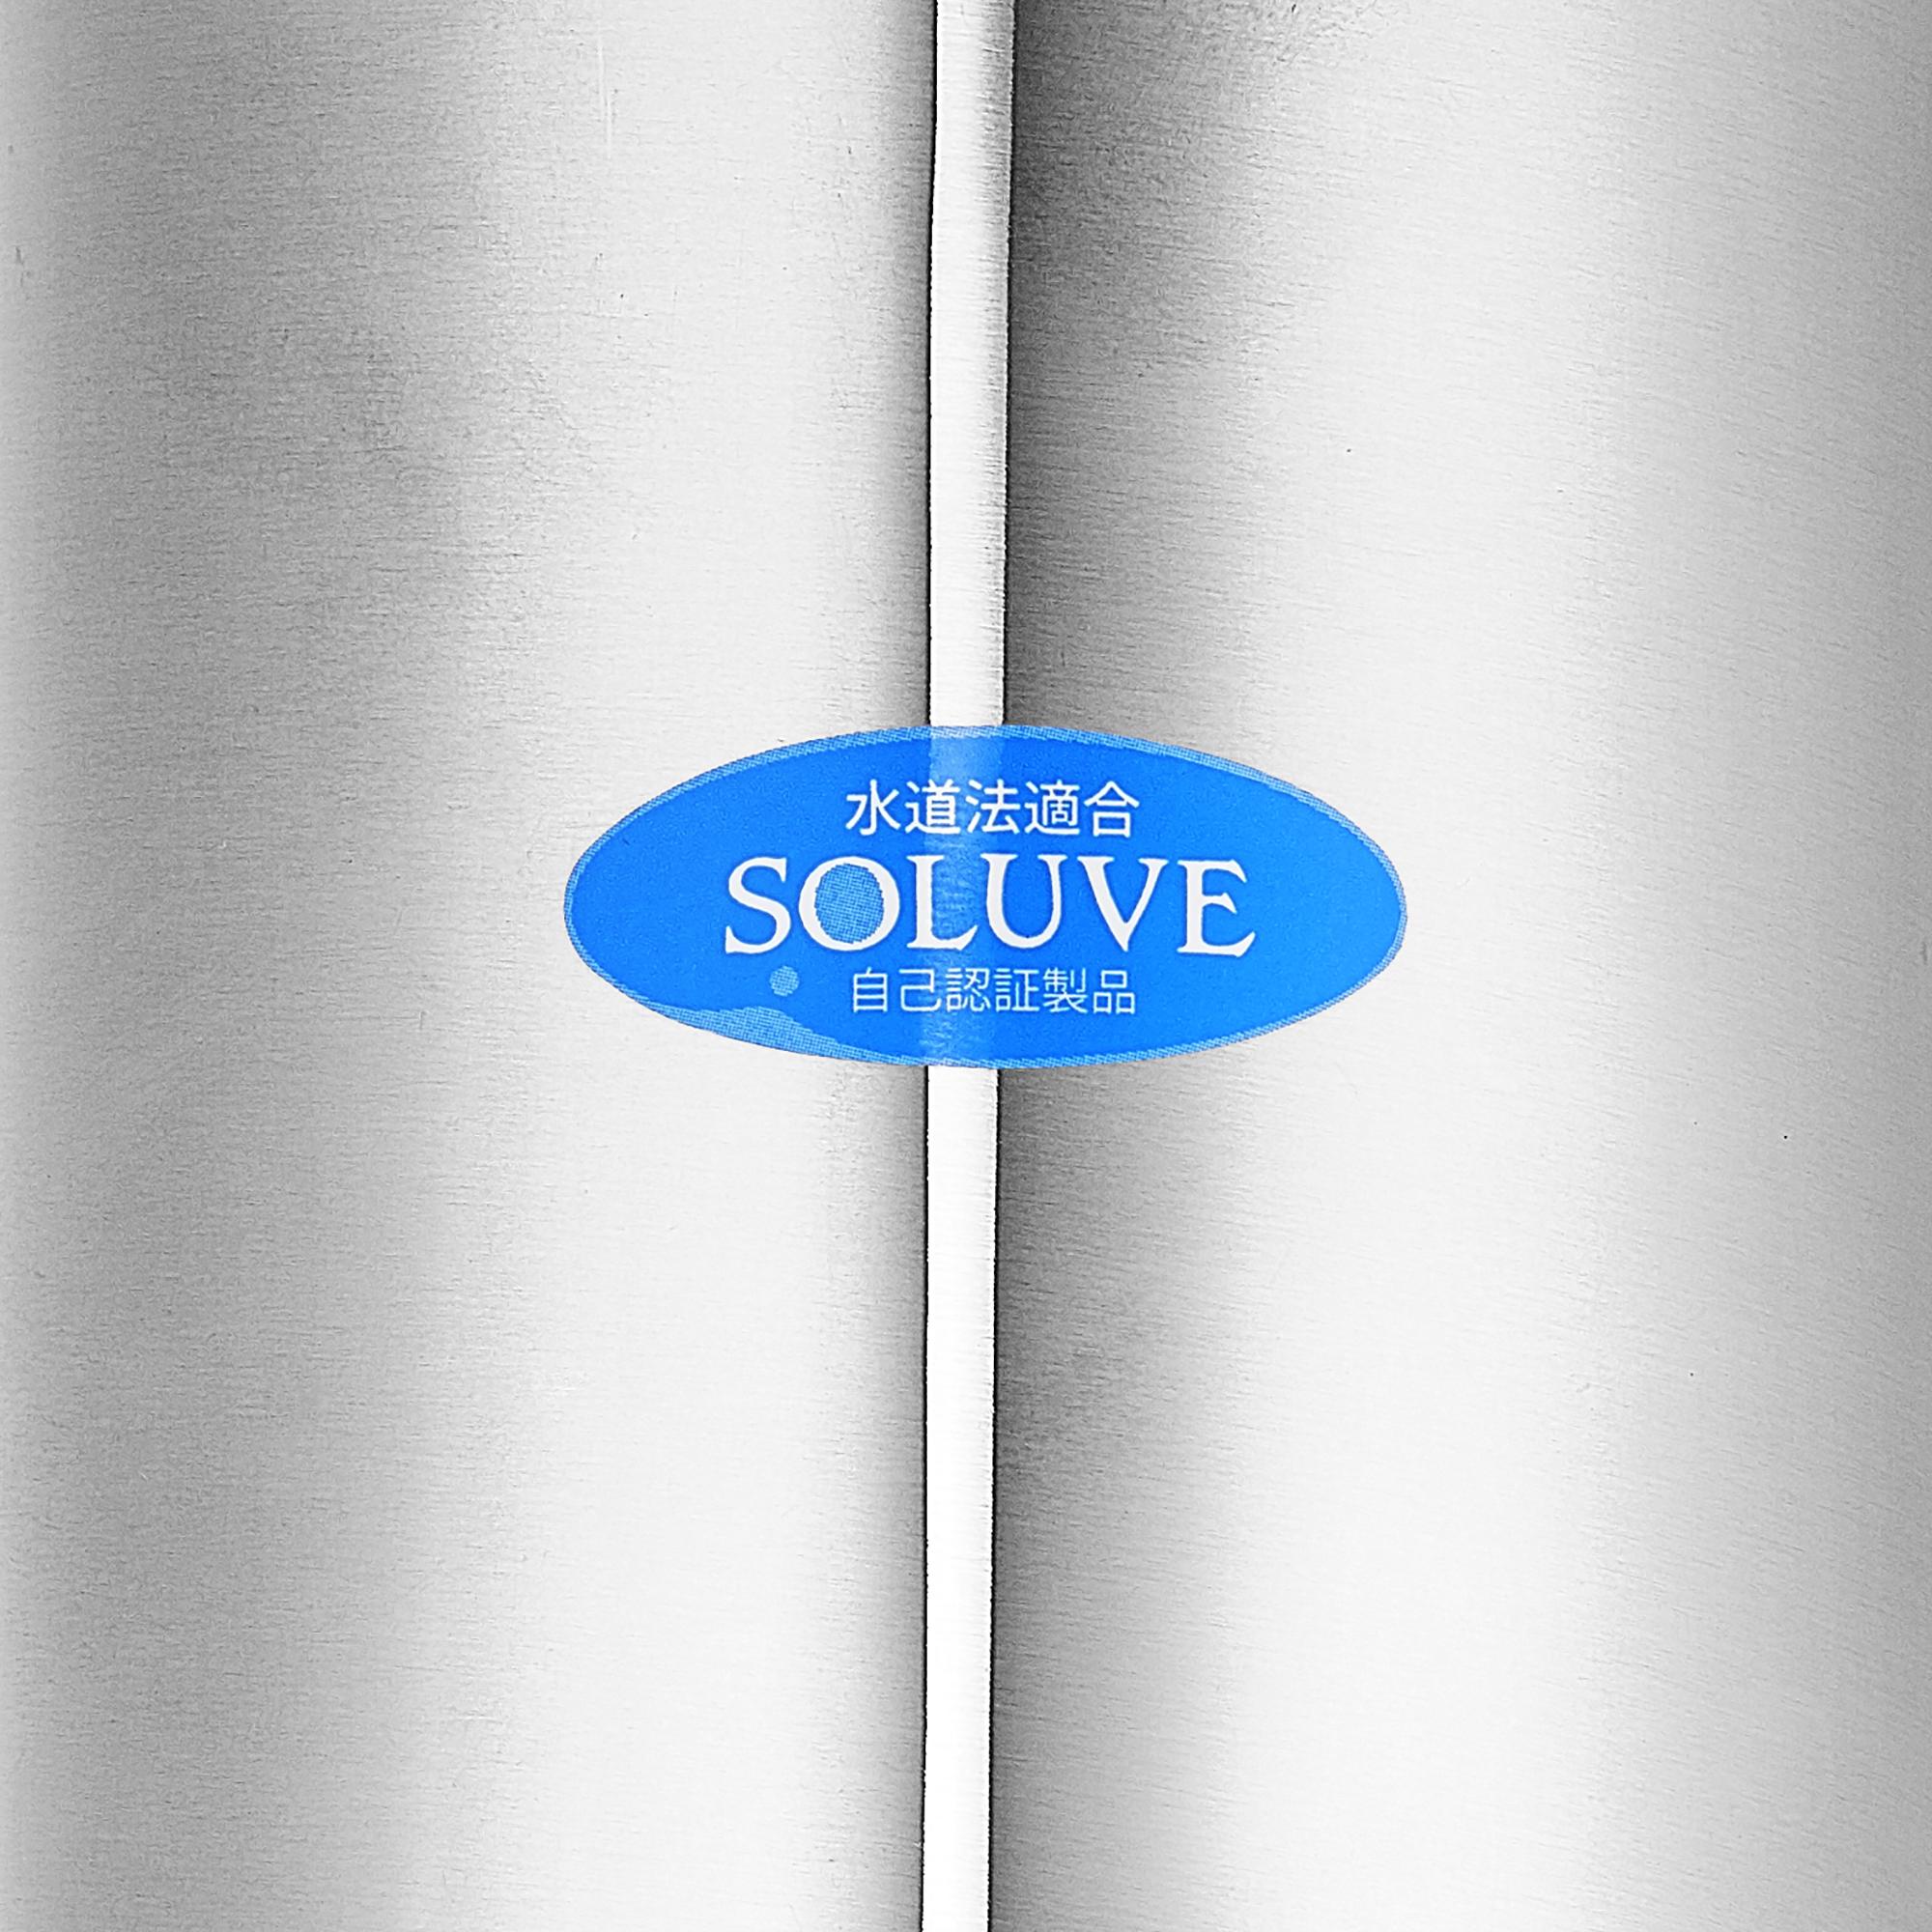 ソリューヴ自己認証製品ラベル拡大